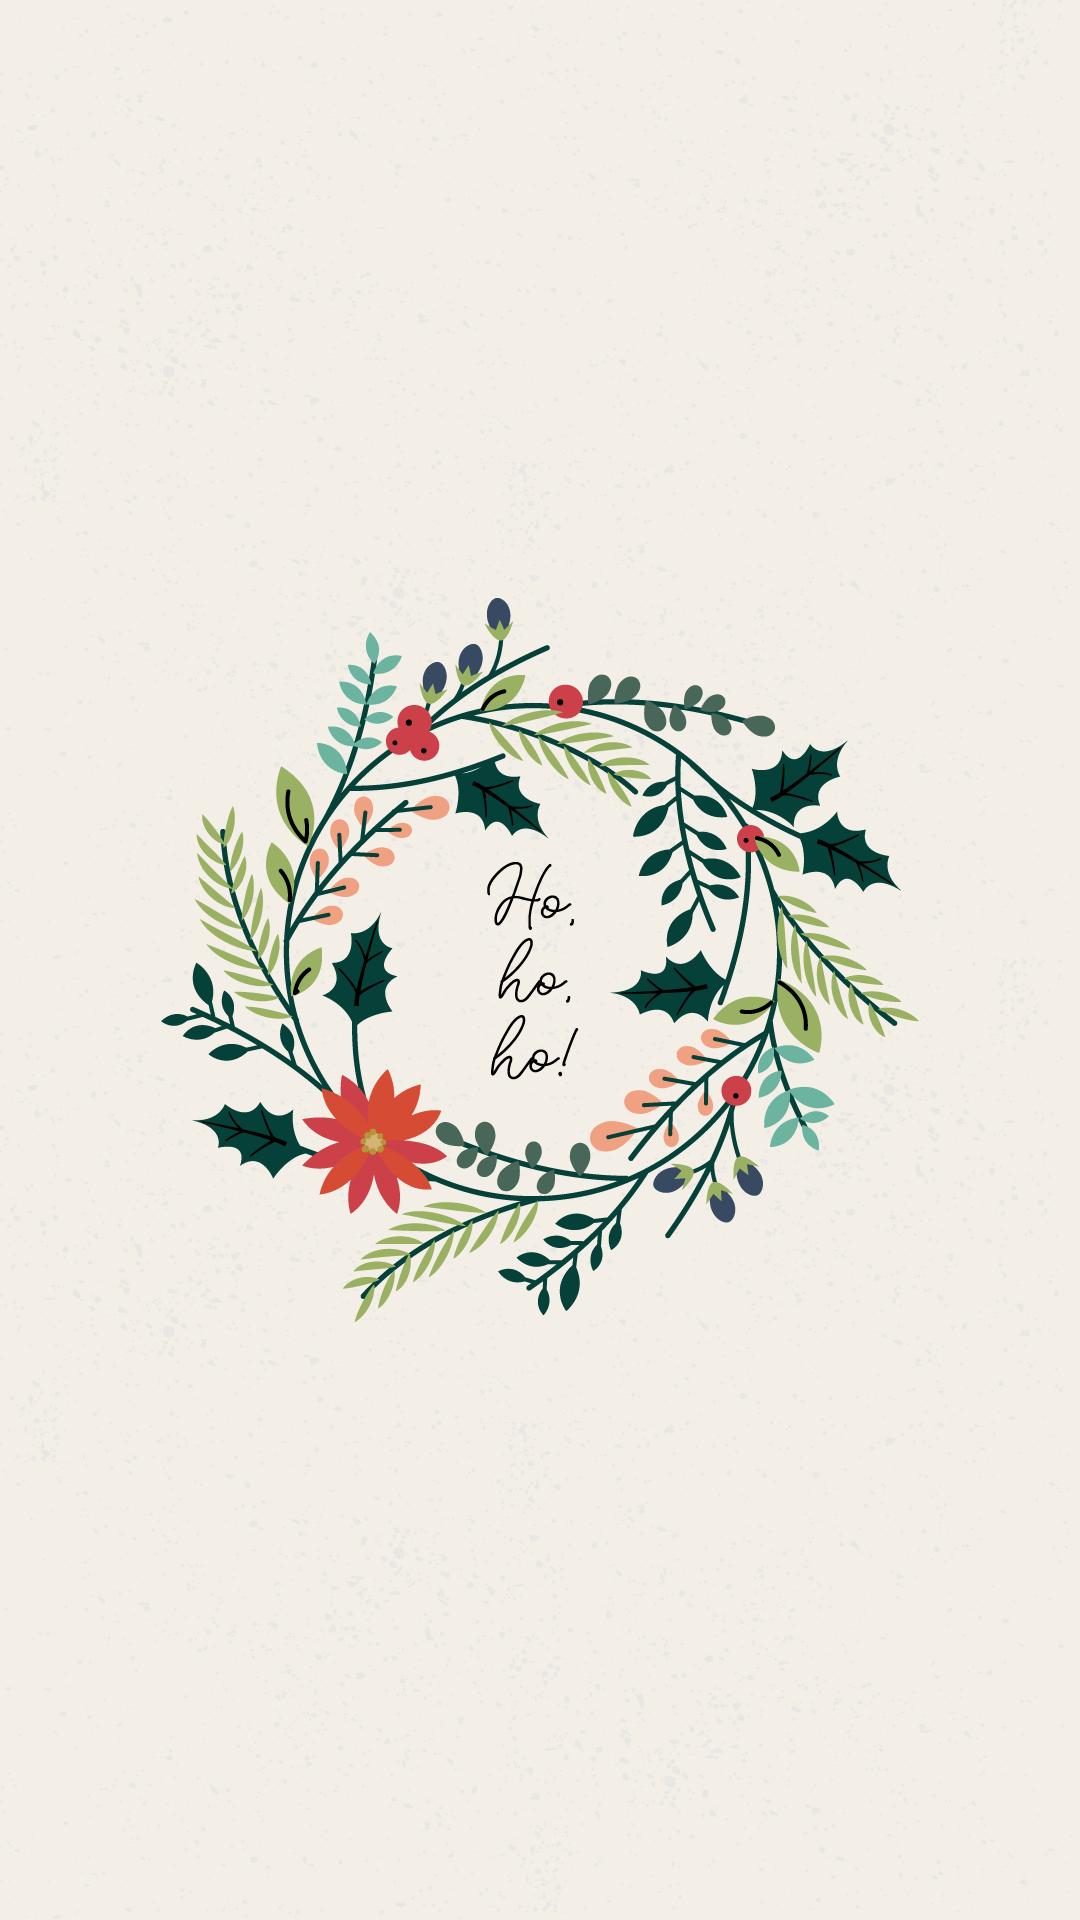 Fröhliche Weihnachten in 2020 Weihnachten illustration